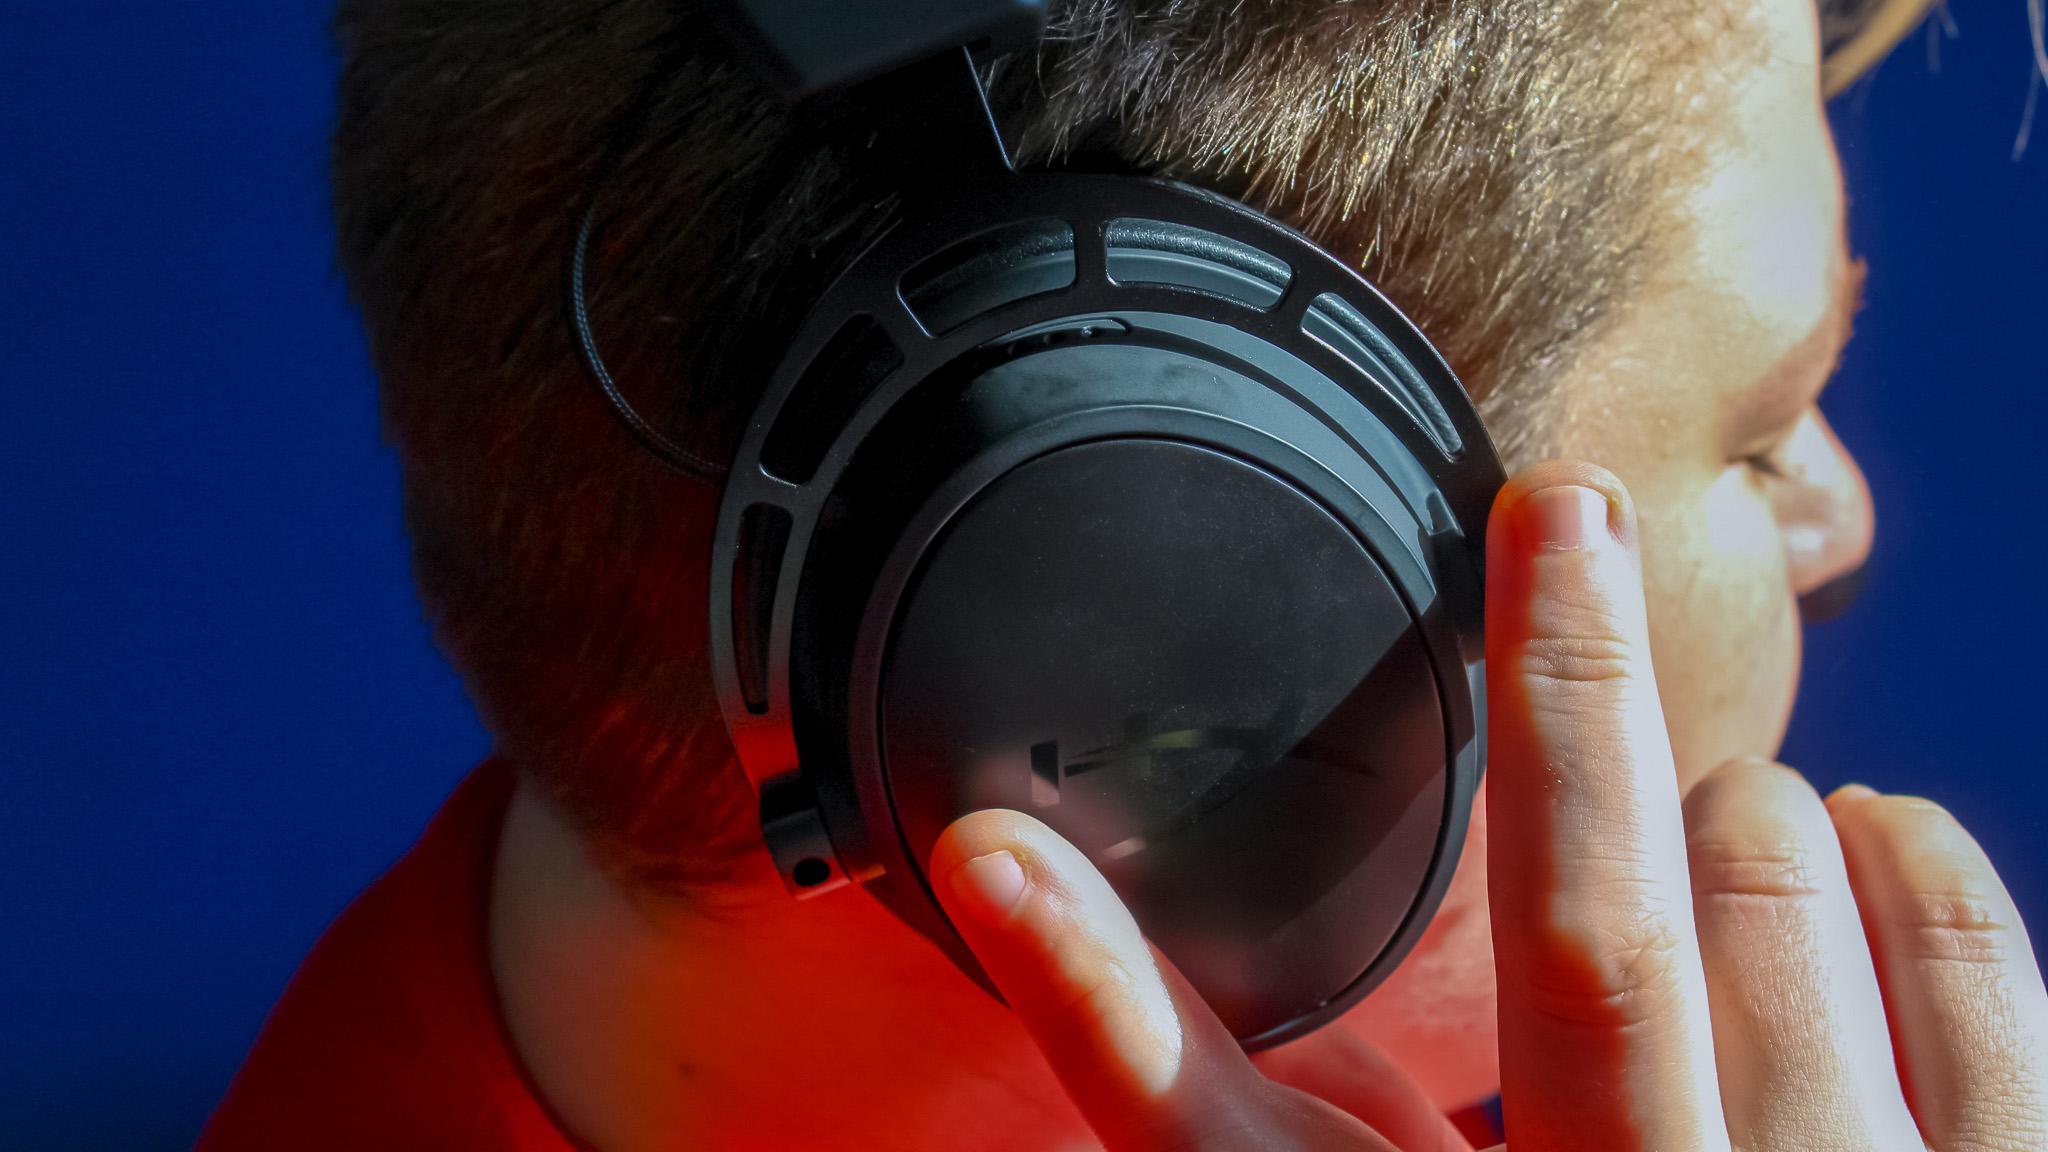 HyperX Cloud Alpha S Review 2020